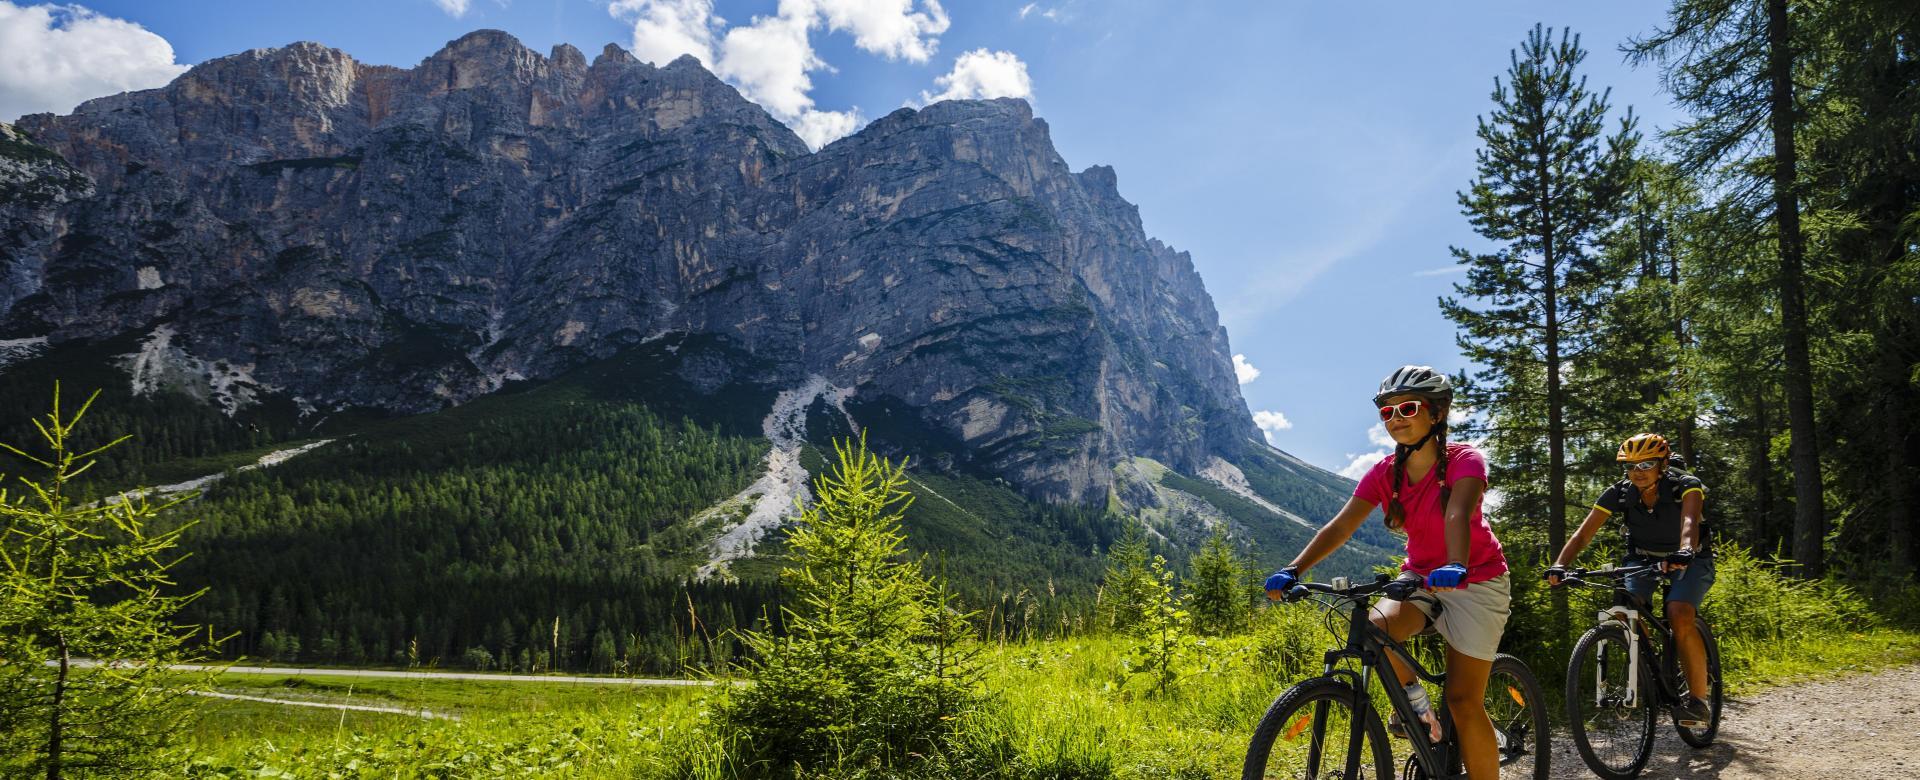 Voyage à vélo : Les dolomites à vélo en famille